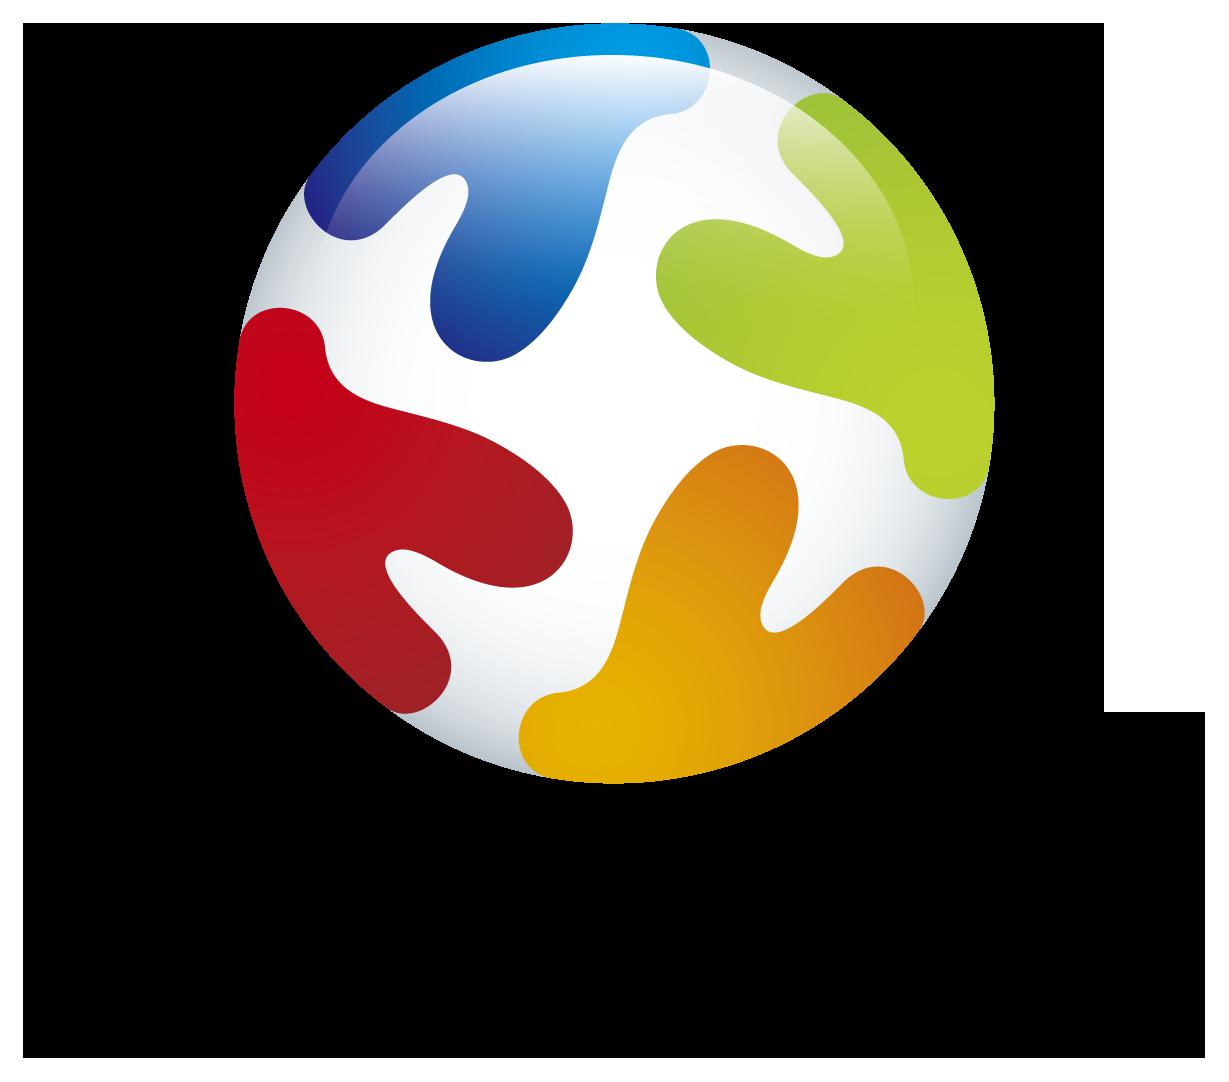 製造/メーカーと立体的とマルチカラーのロゴ